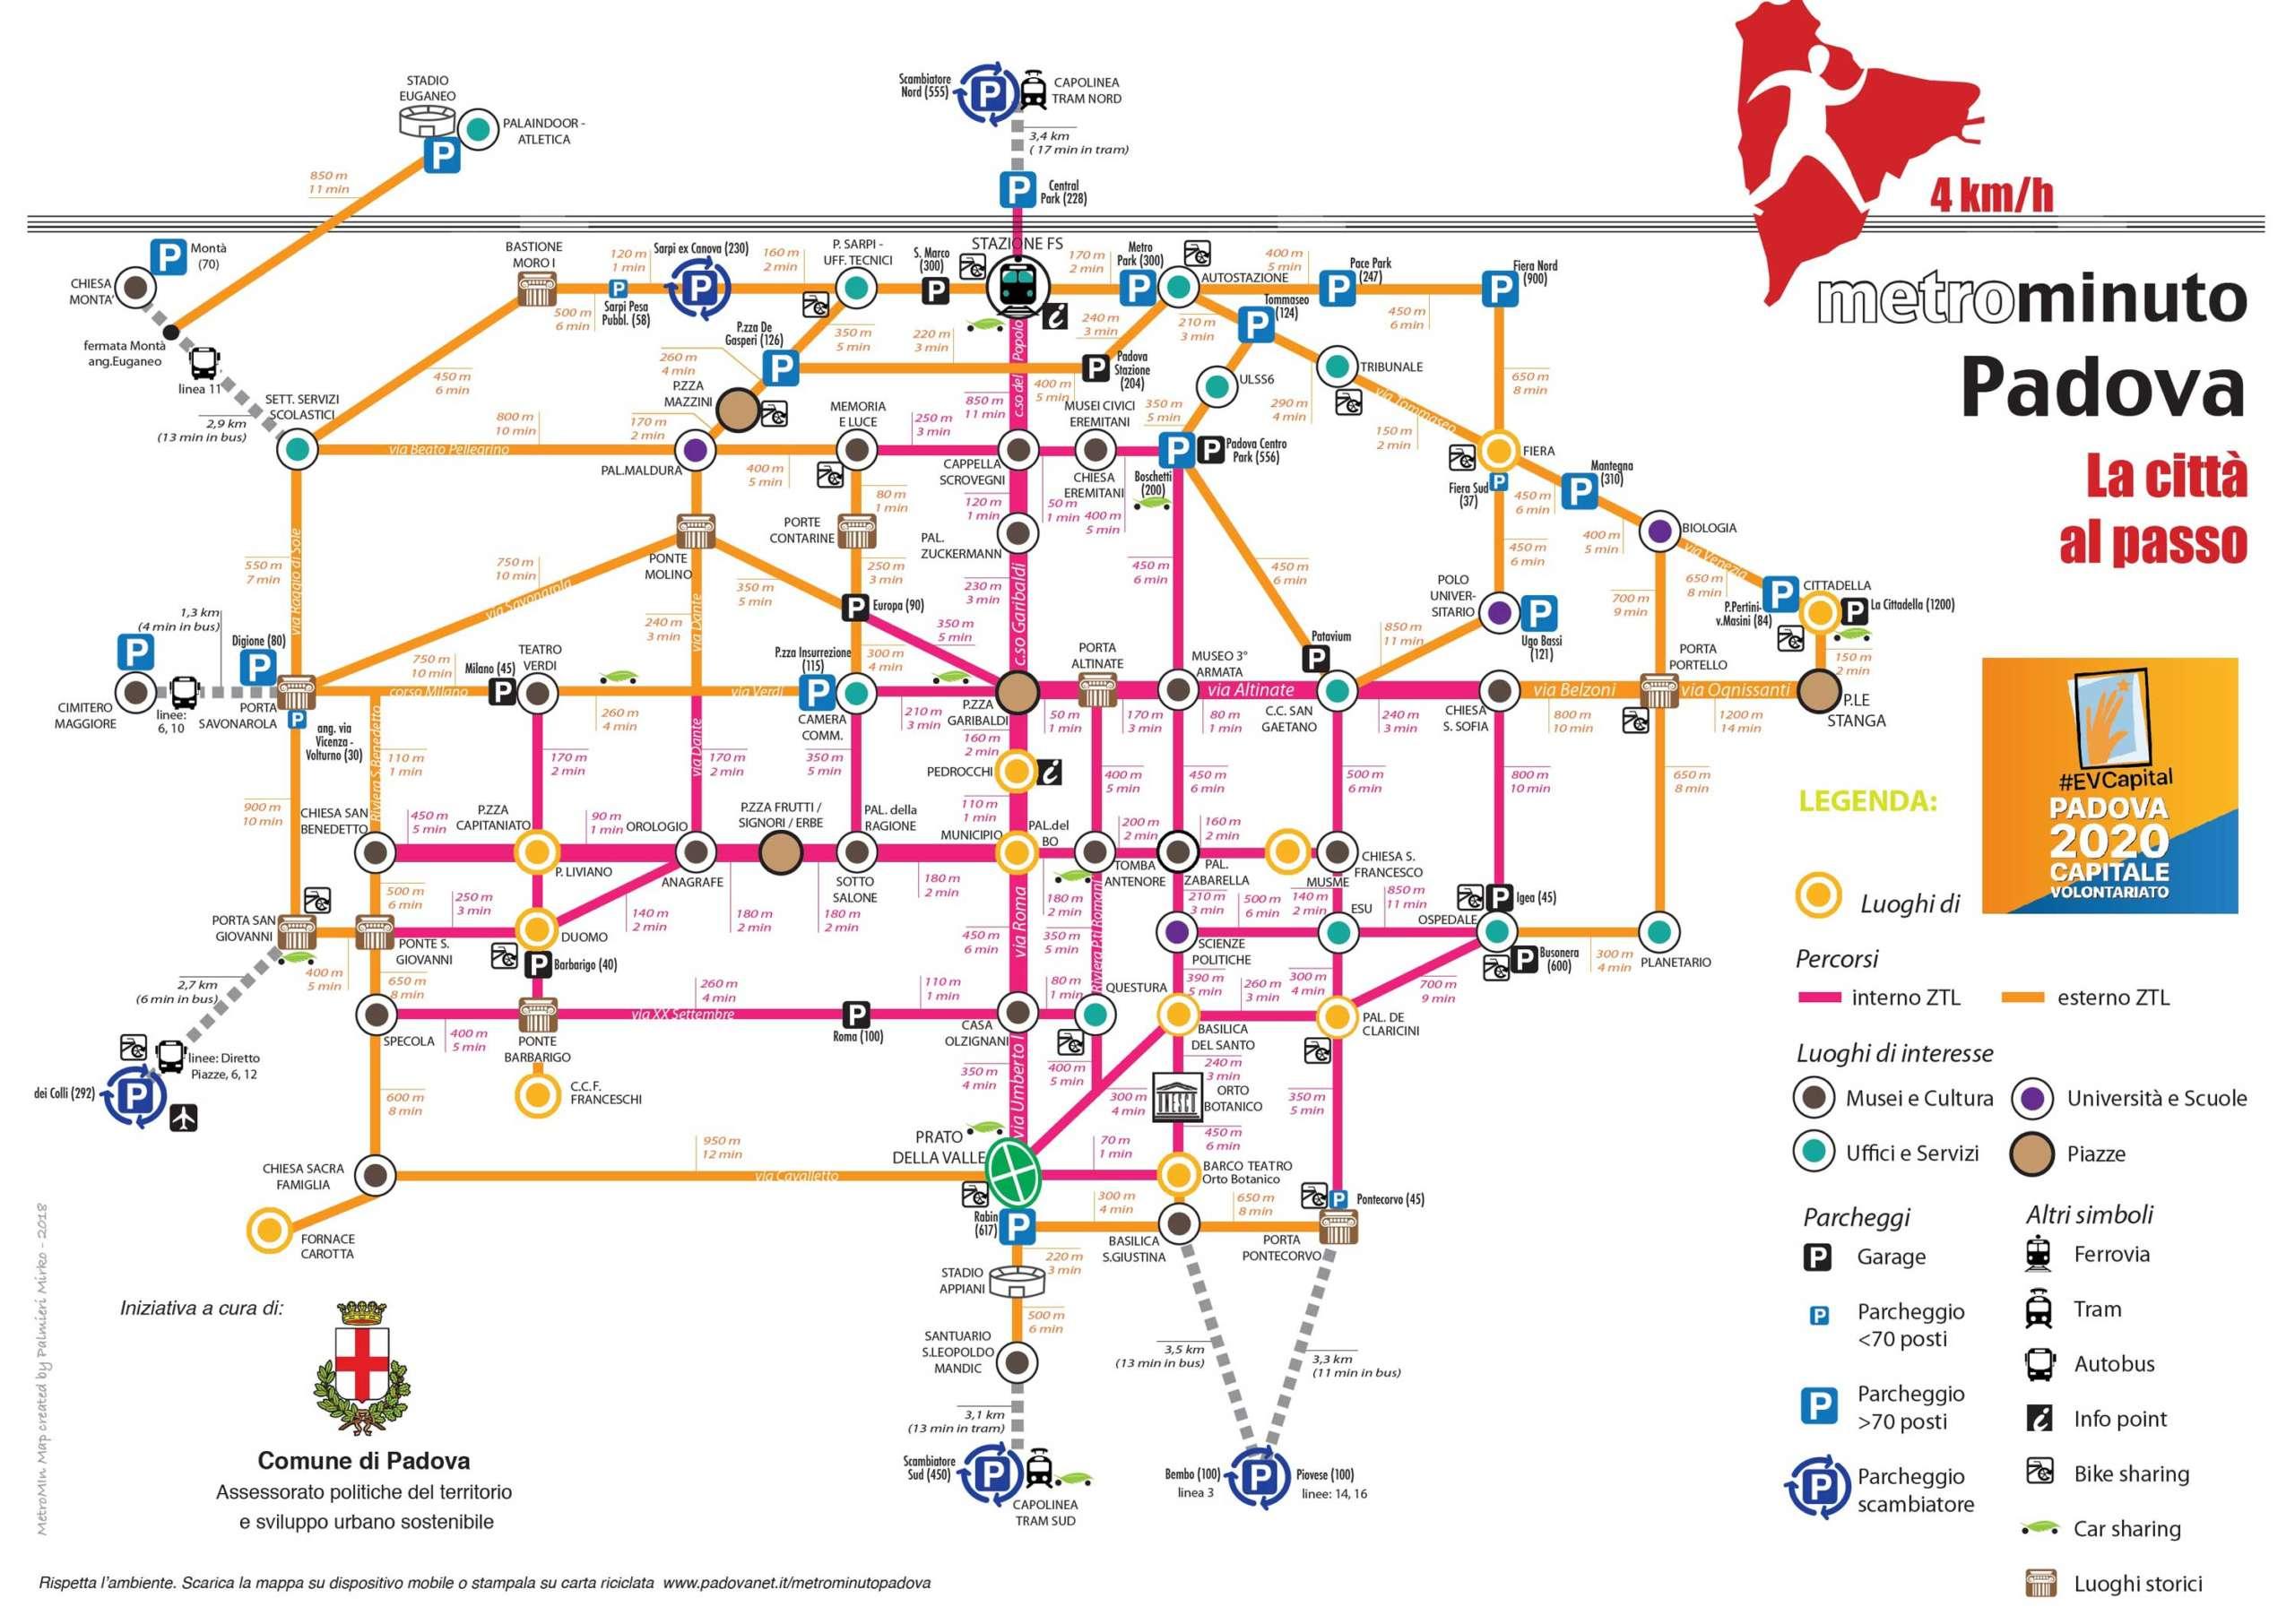 Mappa Metrominuto Padova capitale europea del volontariato 2020